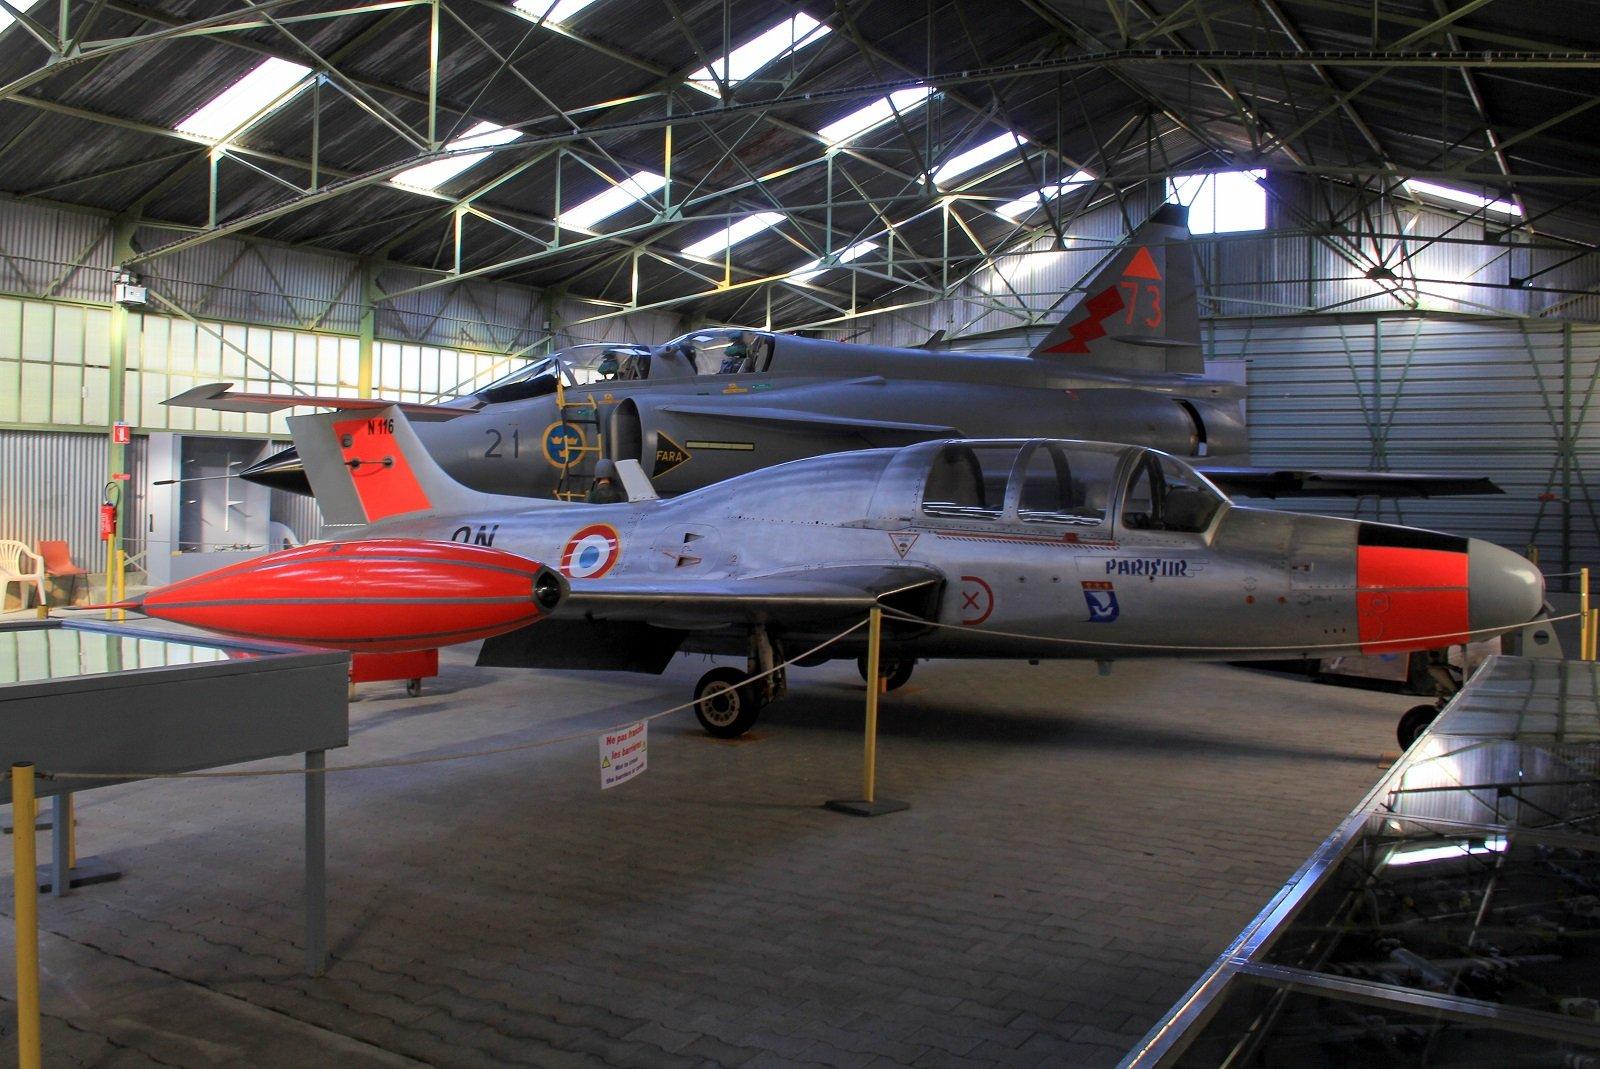 musée de l'aviation de chasse de Montelimar  - Page 2 191030070551768220